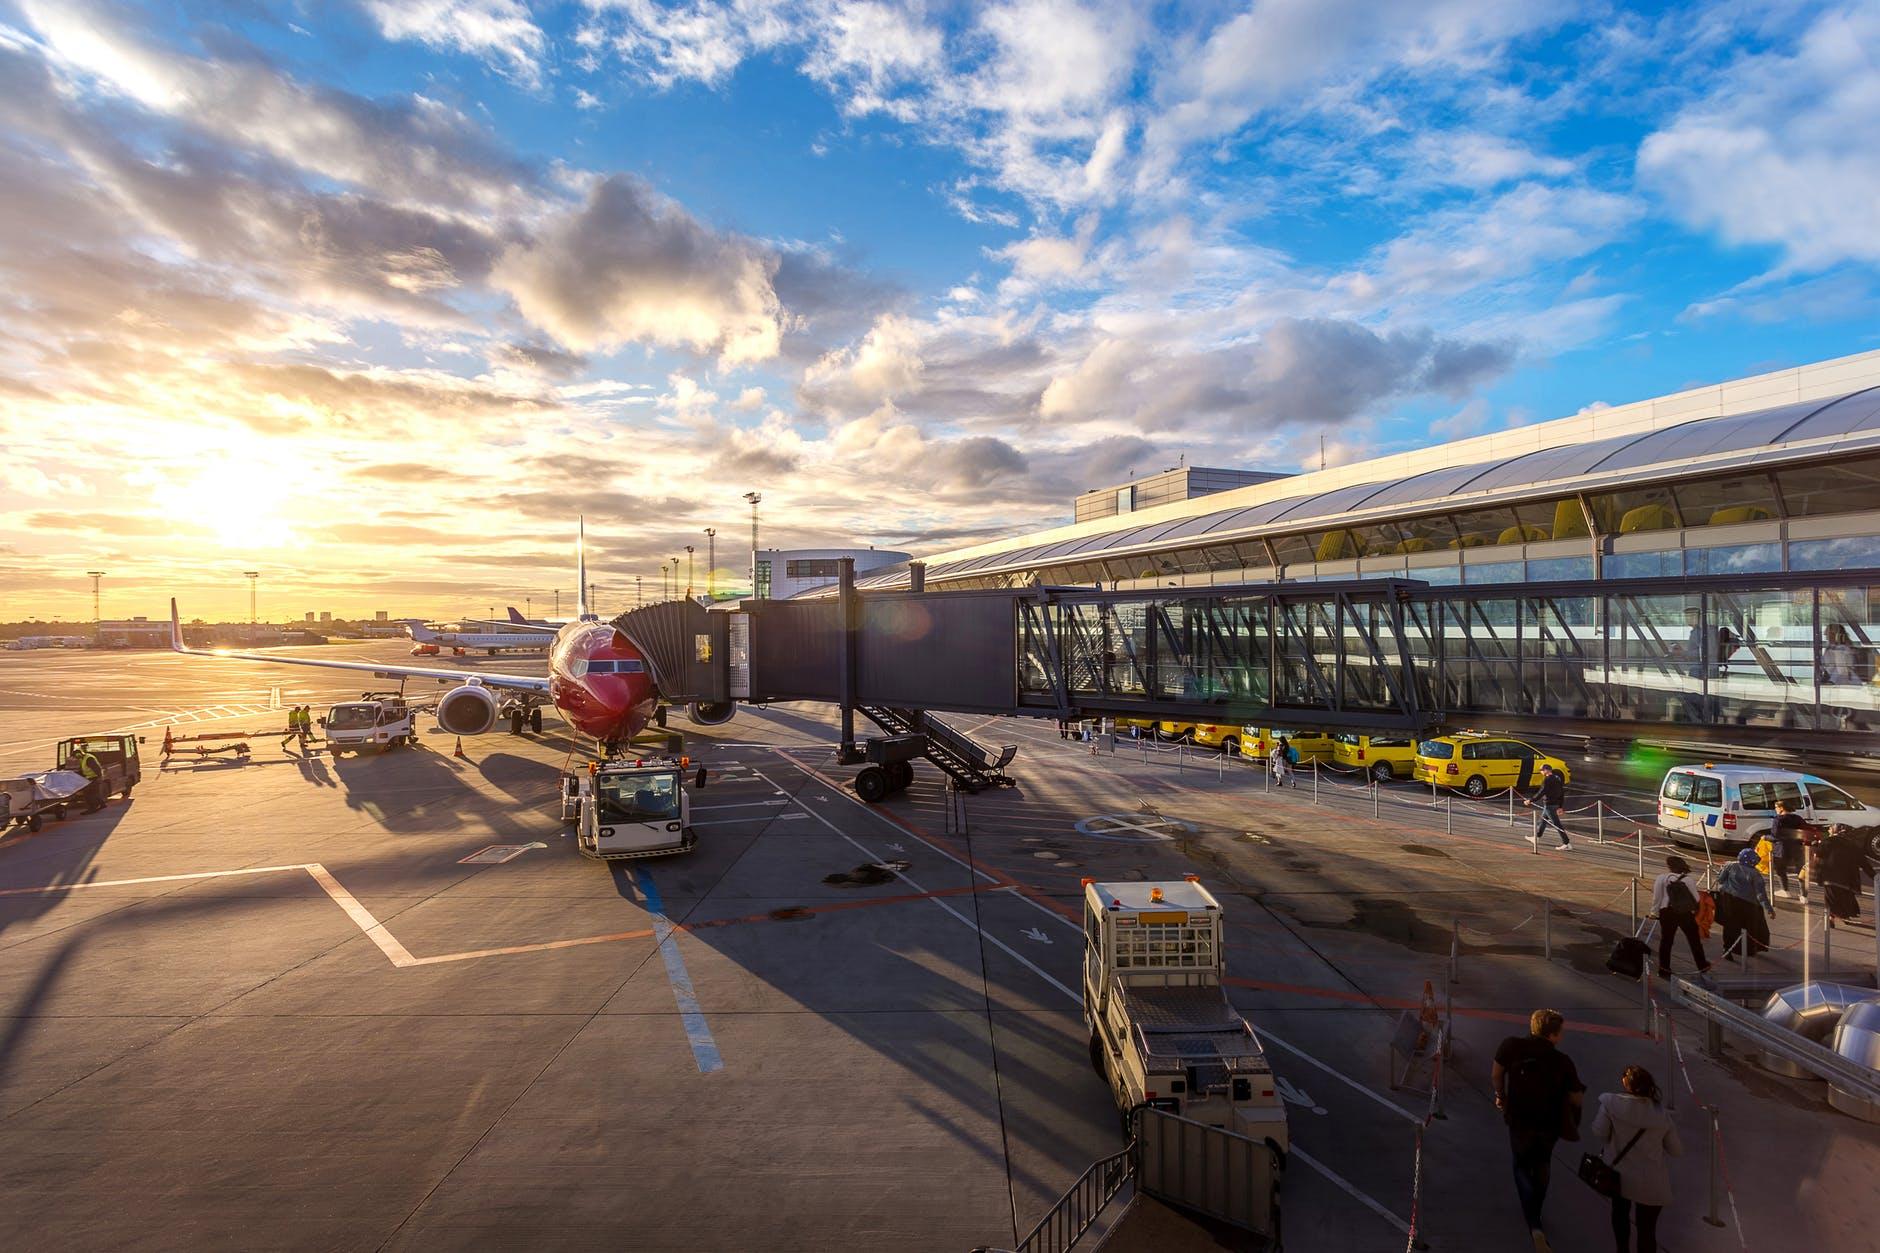 Da li je ovo najlepši aerodrom na svetu?